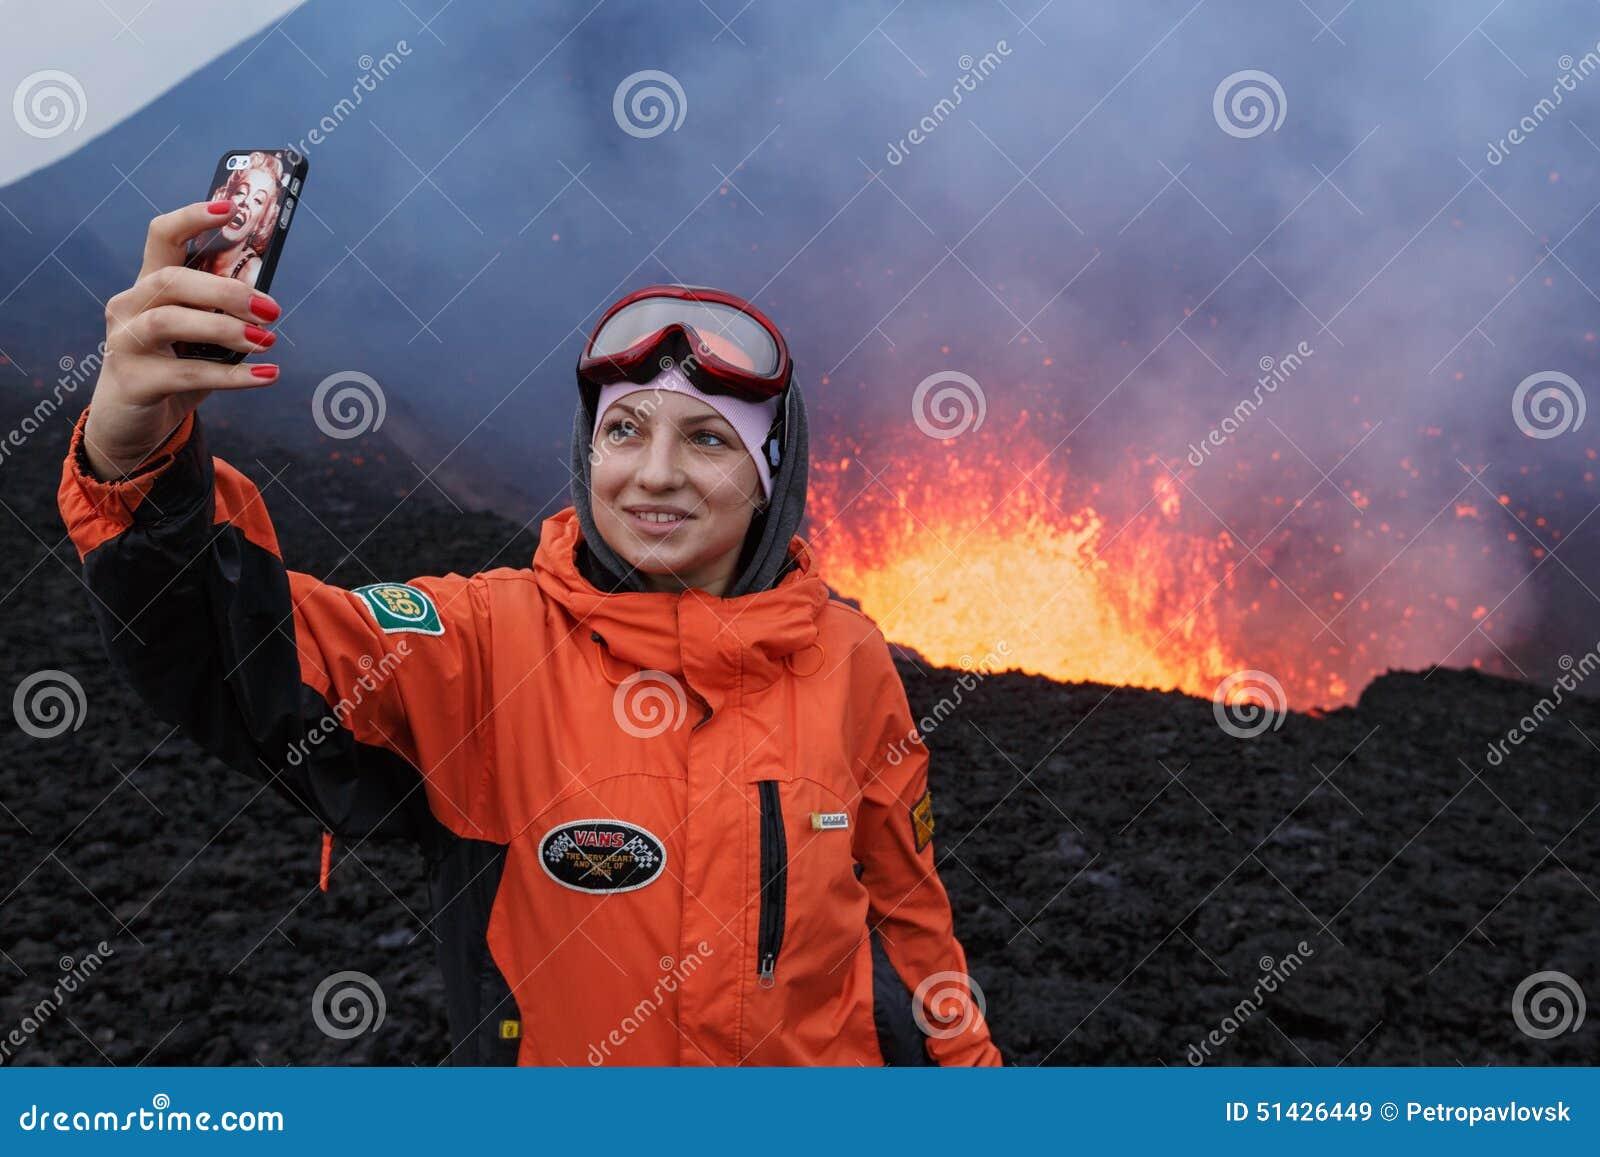 eruption tolbachik volcano on kamchatka girl photographed